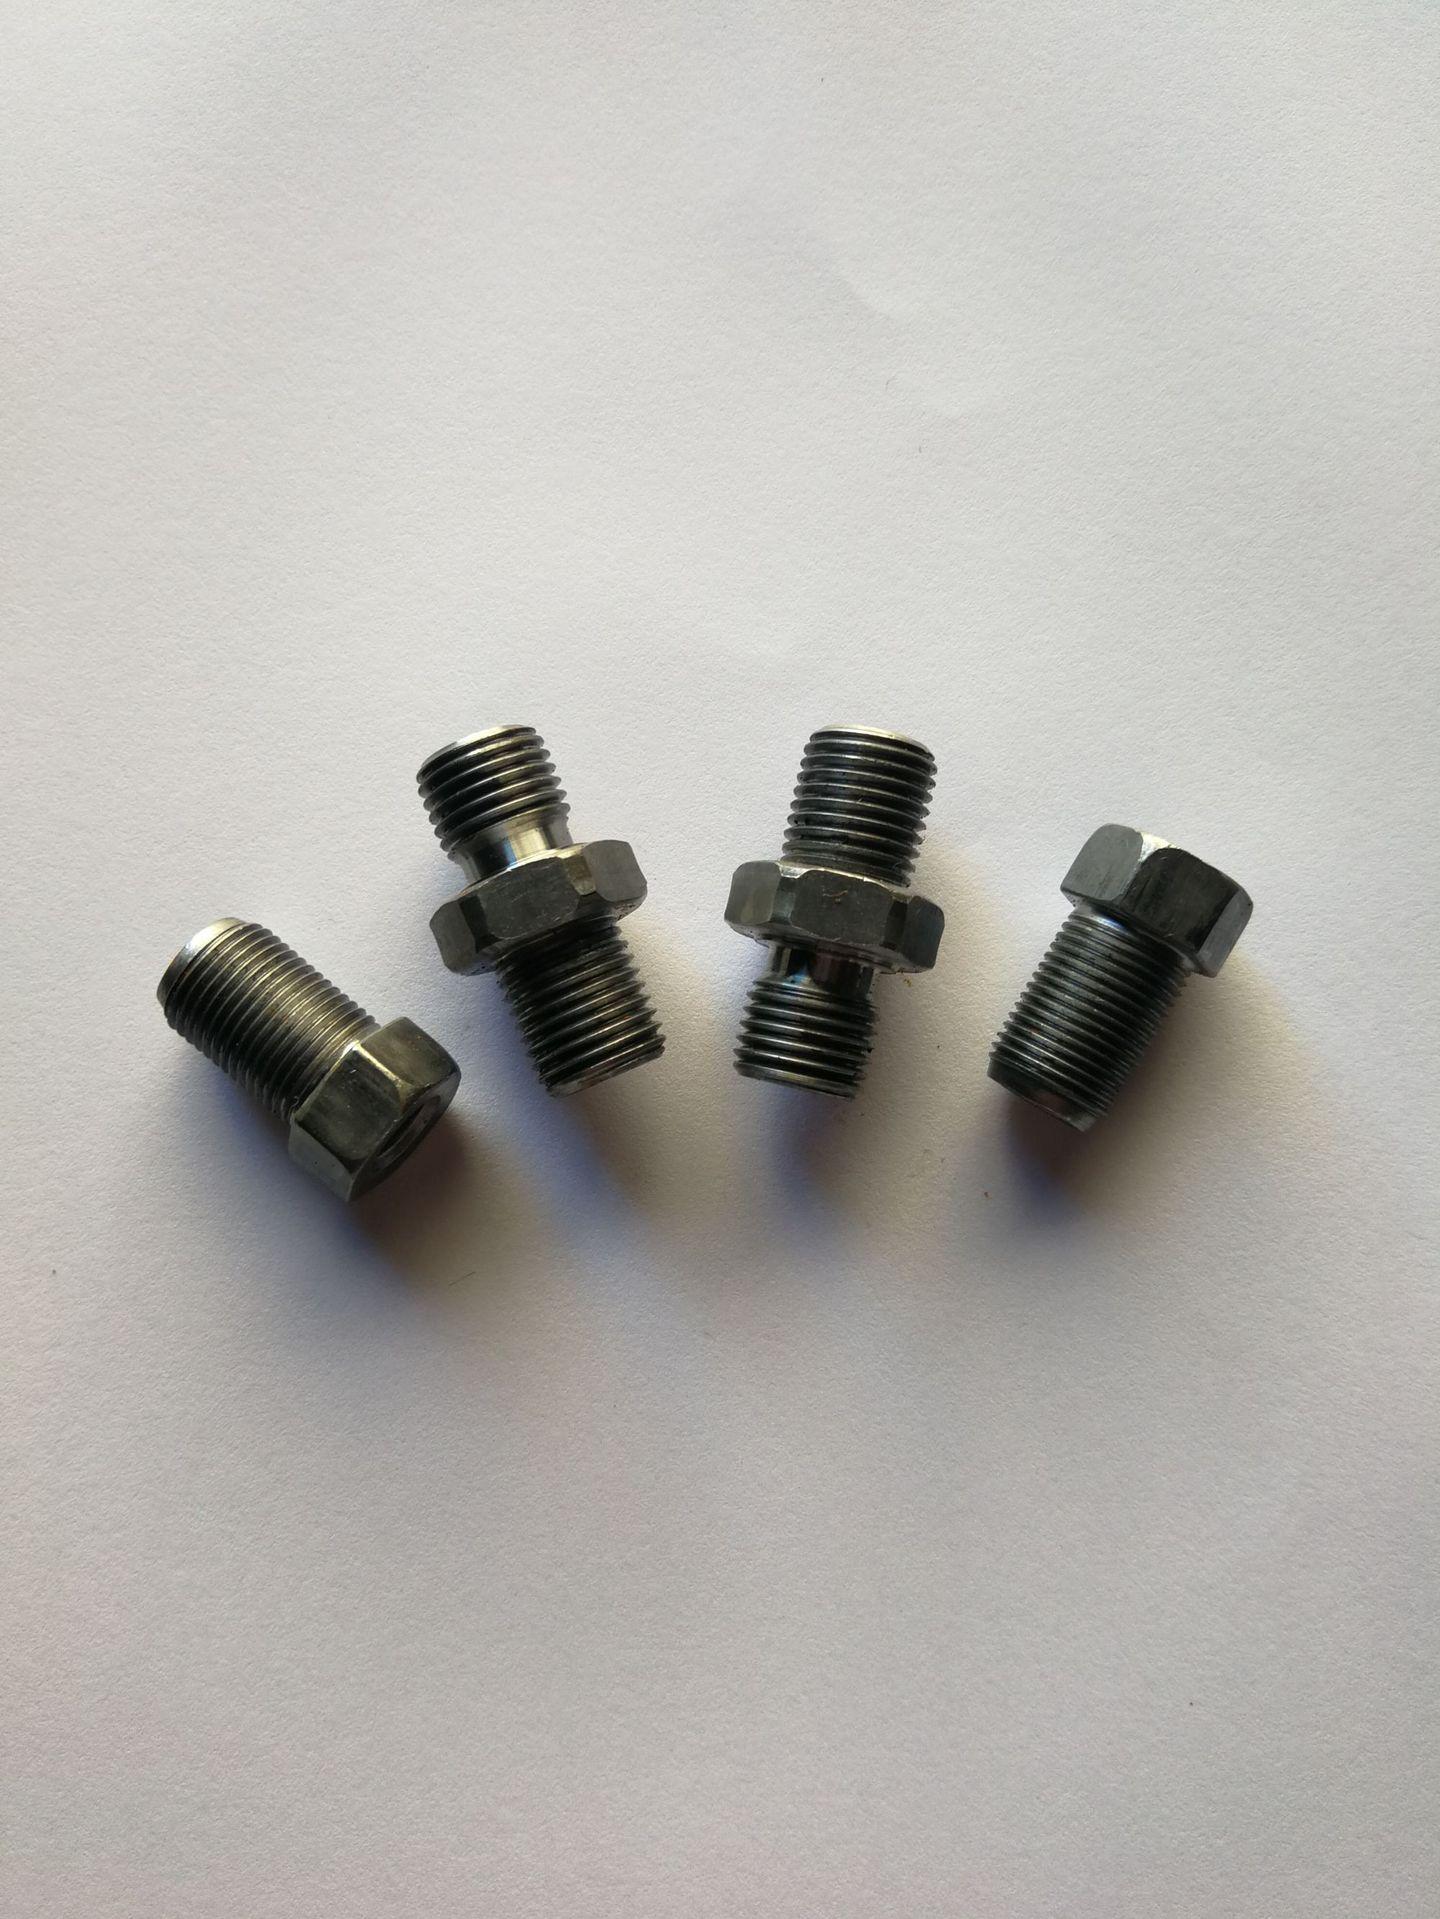 Linh kiện điện gia dụng Chất lượng cao cung cấp giá bán buôn hợp kim nhôm phần cứng thiết bị gia dụn